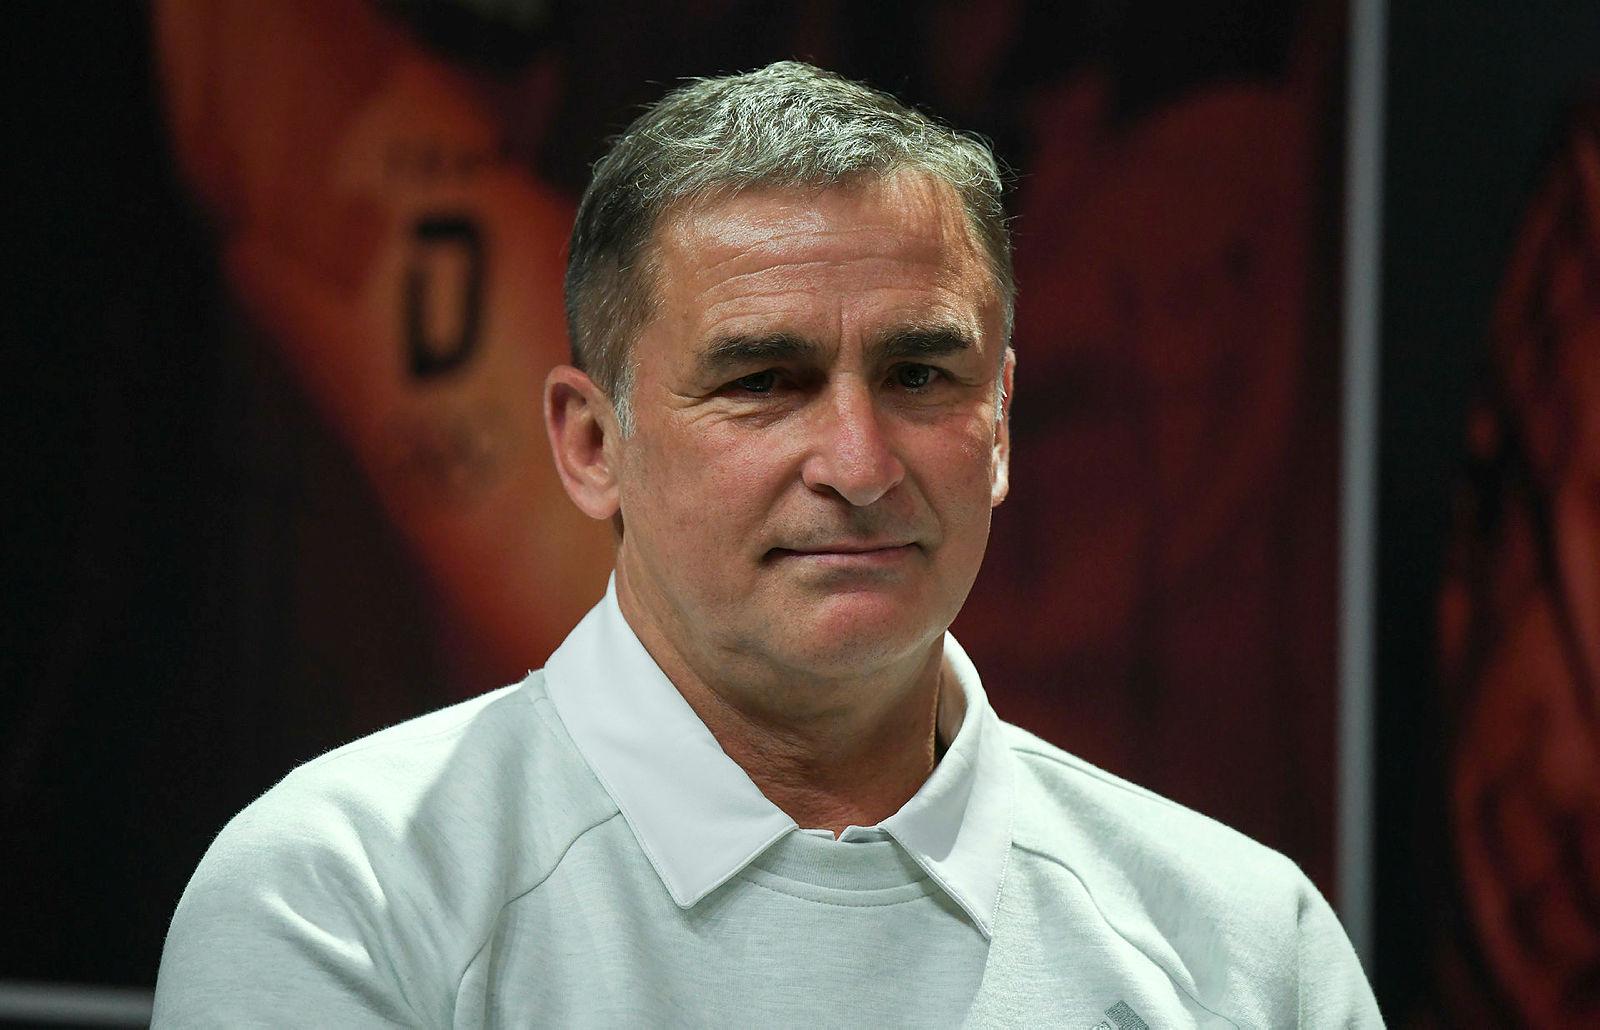 Milli Takımın yeni antrenörü Stefan Kuntza Türk yardımcı: Mustafa Doğan iddiası